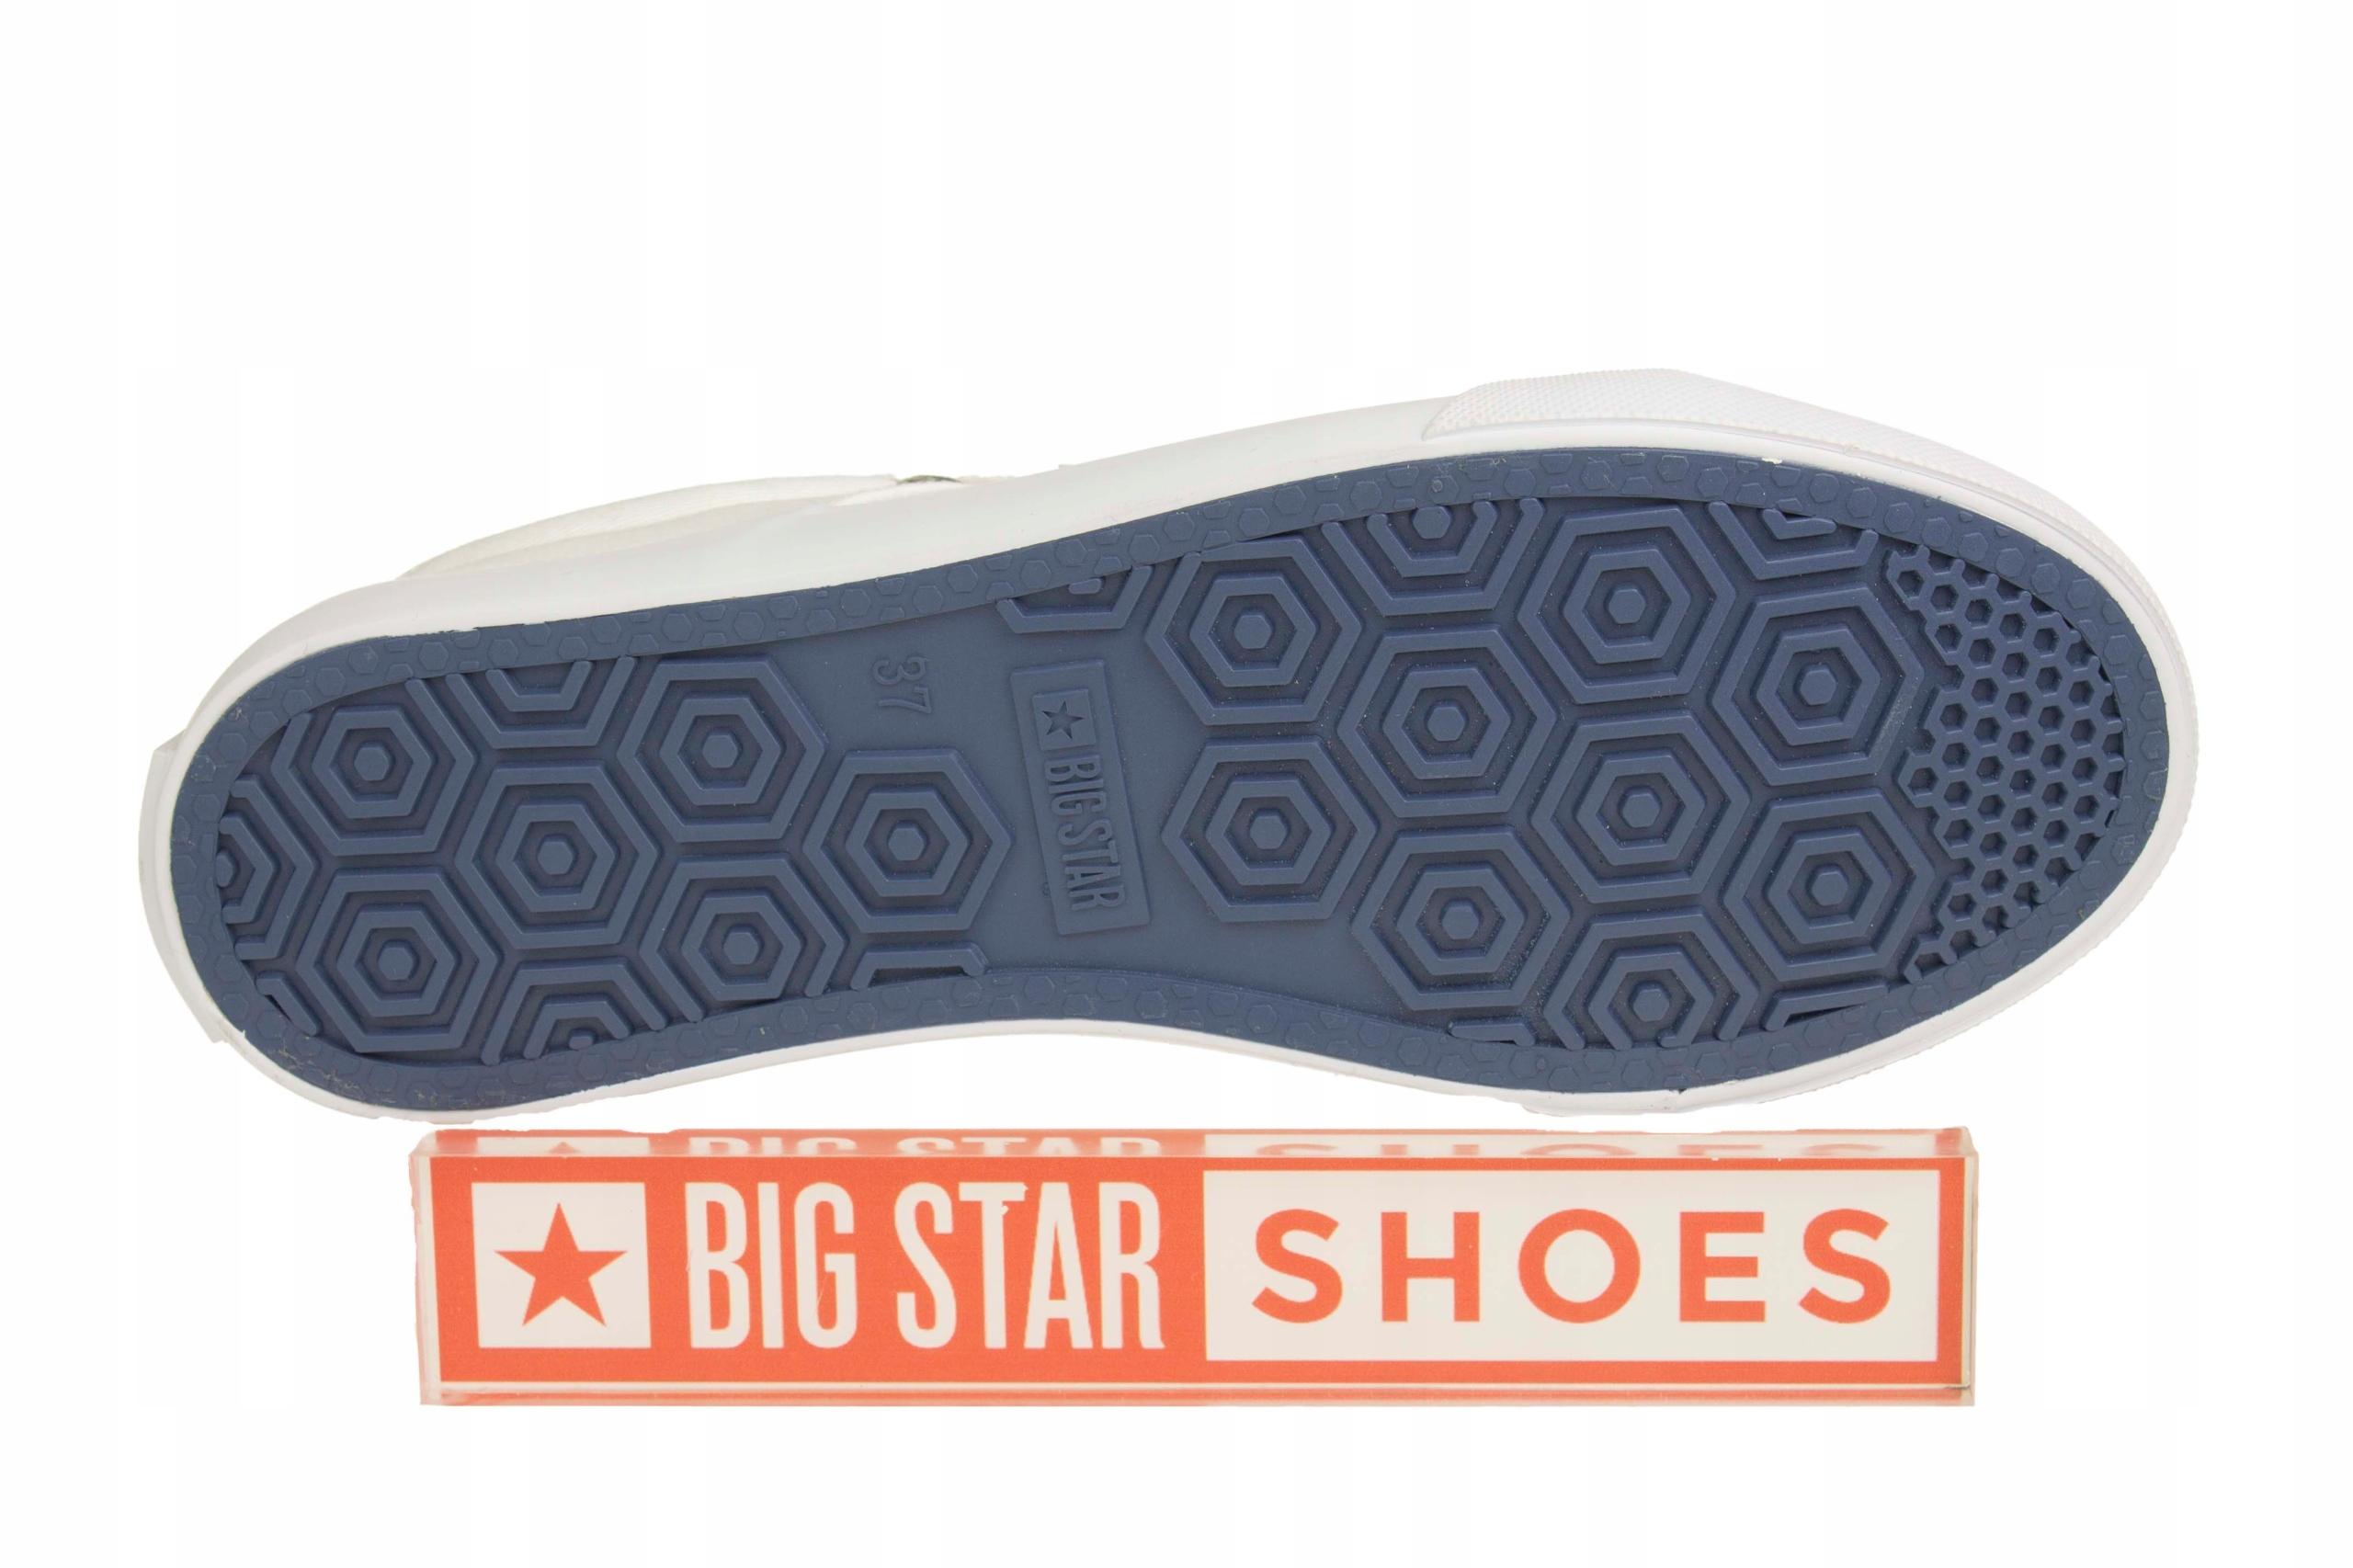 BIG STAR AA274511 TRAMPKI białe TKANINA S739 r 39